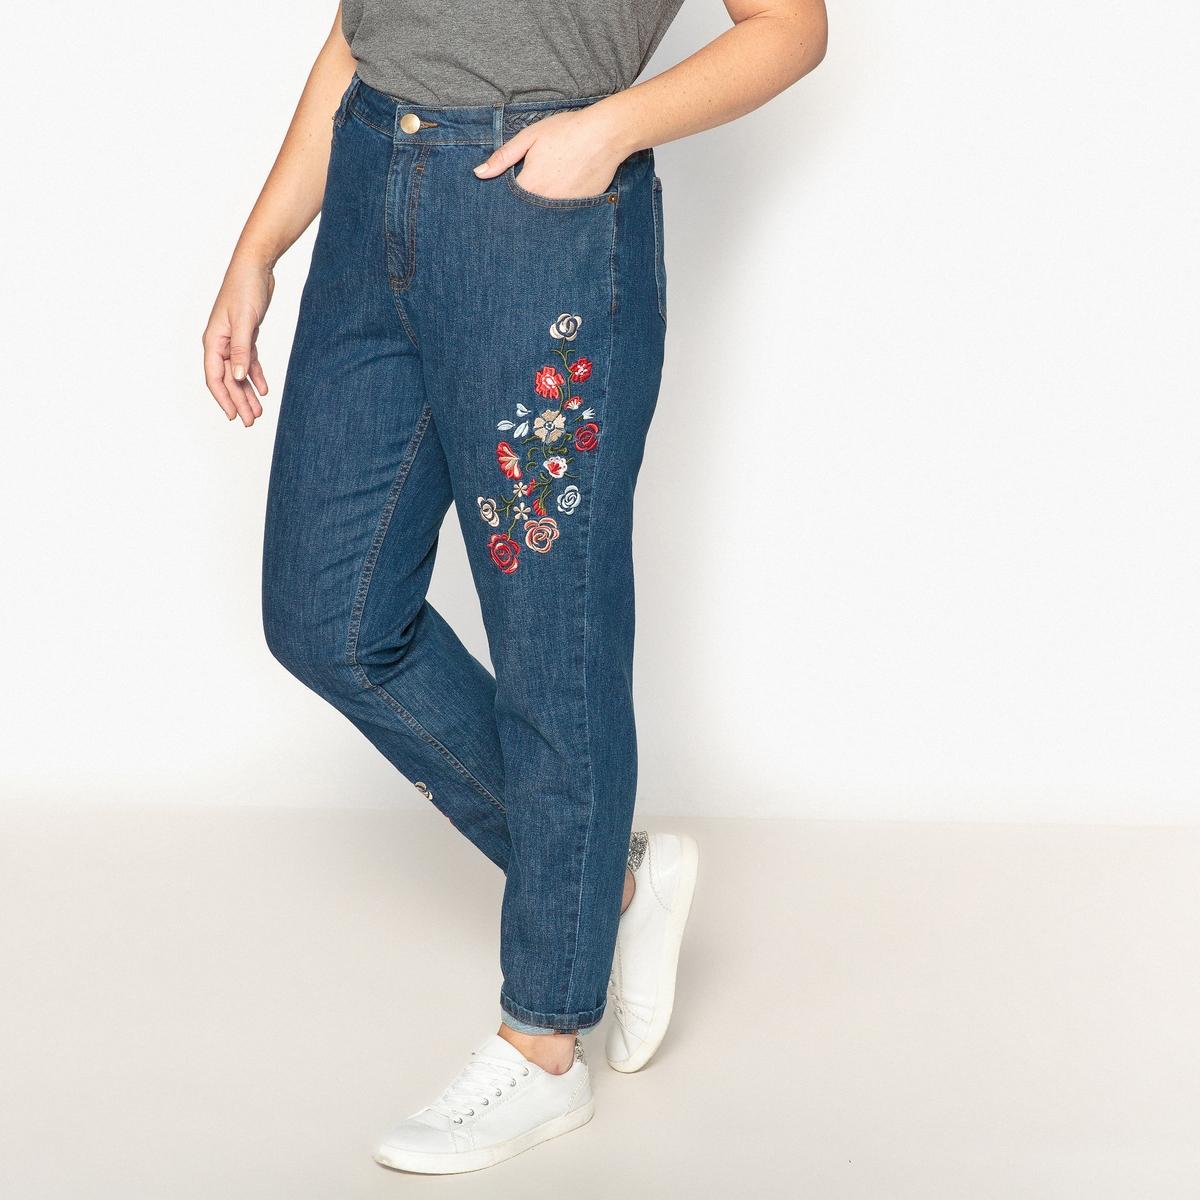 Джинсы-мом с вышитым цветочным узоромОчень модные джинсы-мом, украшенные настоящей вышивкой. Идеально сочетаются с кедами, свободный стиль.Детали  •  Покрой бойфит •  Стандартная высота пояса •  Рисунок спередиСостав и уход  •  98% хлопка, 2% эластана •  Стирать при 30° на деликатном режиме  •  Сухая чистка и отбеливание запрещены   •  Не использовать барабанную сушку  •  Низкая температура глажки Товар из коллекции больших размеров<br><br>Цвет: синий потертый<br>Размер: 44 (FR) - 50 (RUS).42 (FR) - 48 (RUS)